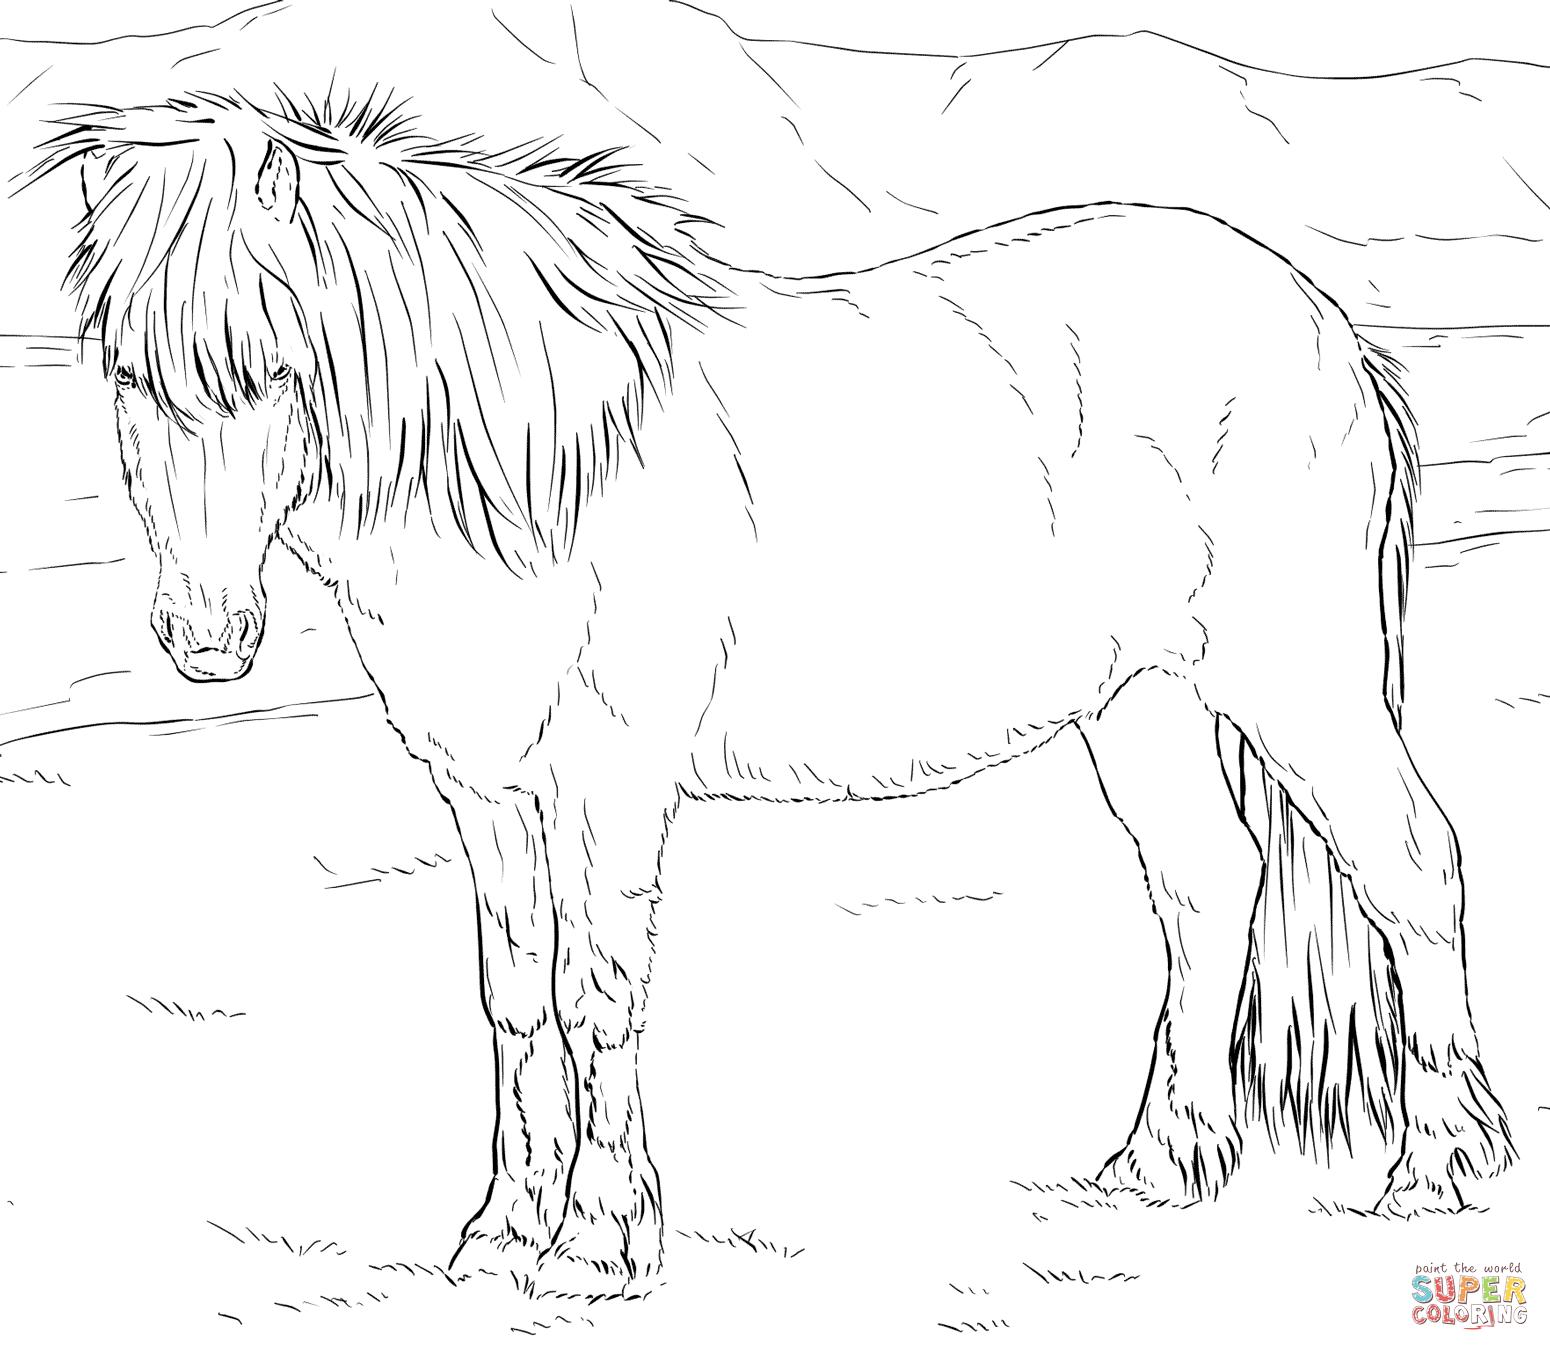 Ausmalbilder Pferde - Malvorlagen Kostenlos Zum Ausdrucken bei Pferdebilder Zum Ausmalen Und Kostenlos Ausdrucken